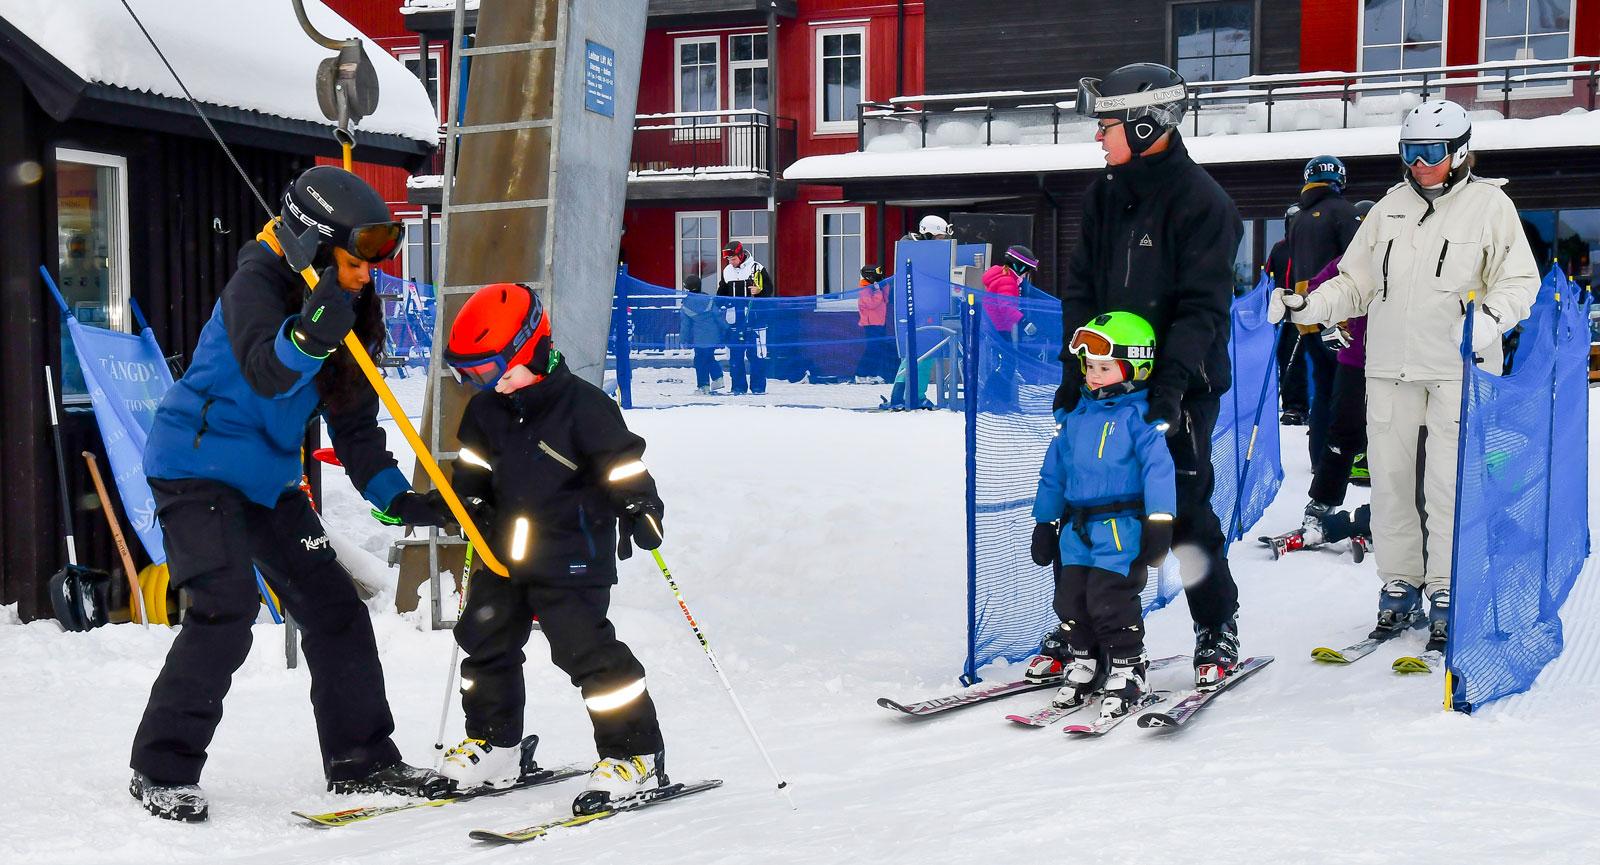 Björn Rydell från Nacka åker gärna skidor tillsammans med familjen. Barnbarnen får lite hjälp med liften och minstingen åker med Björn.